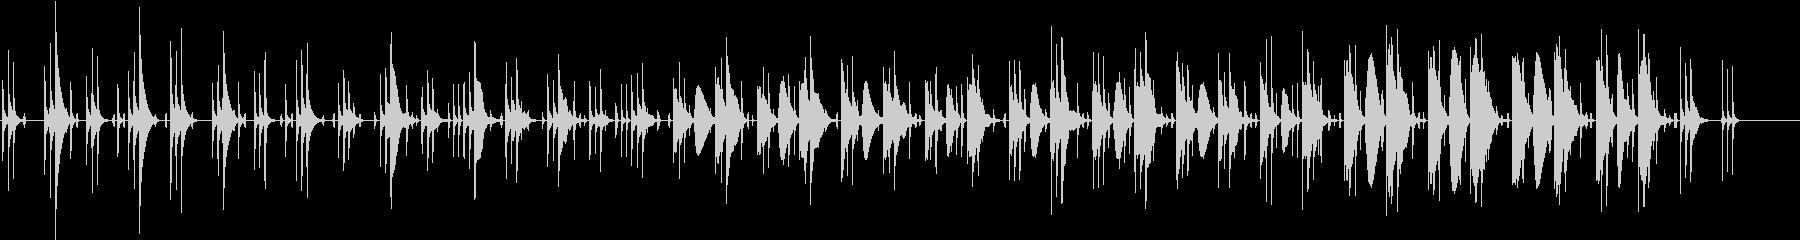 同じフレーズが繰り返される短い曲の未再生の波形